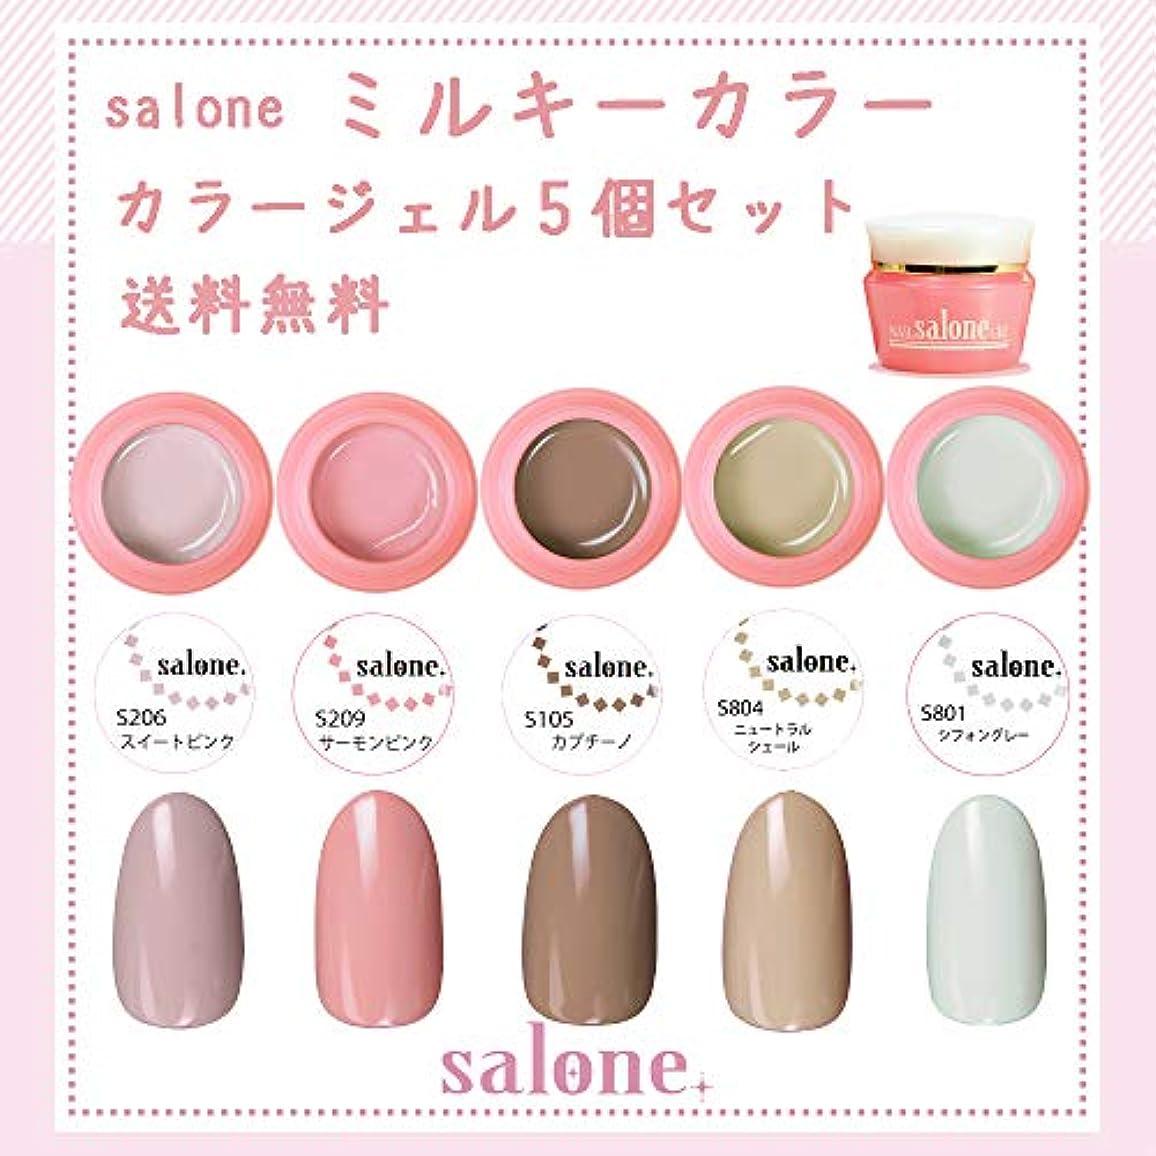 使役ぼんやりした熱狂的な【送料無料 日本製】Salone ミルキーカラージェル5個セット 暖かく大人可愛いトレンドカラー